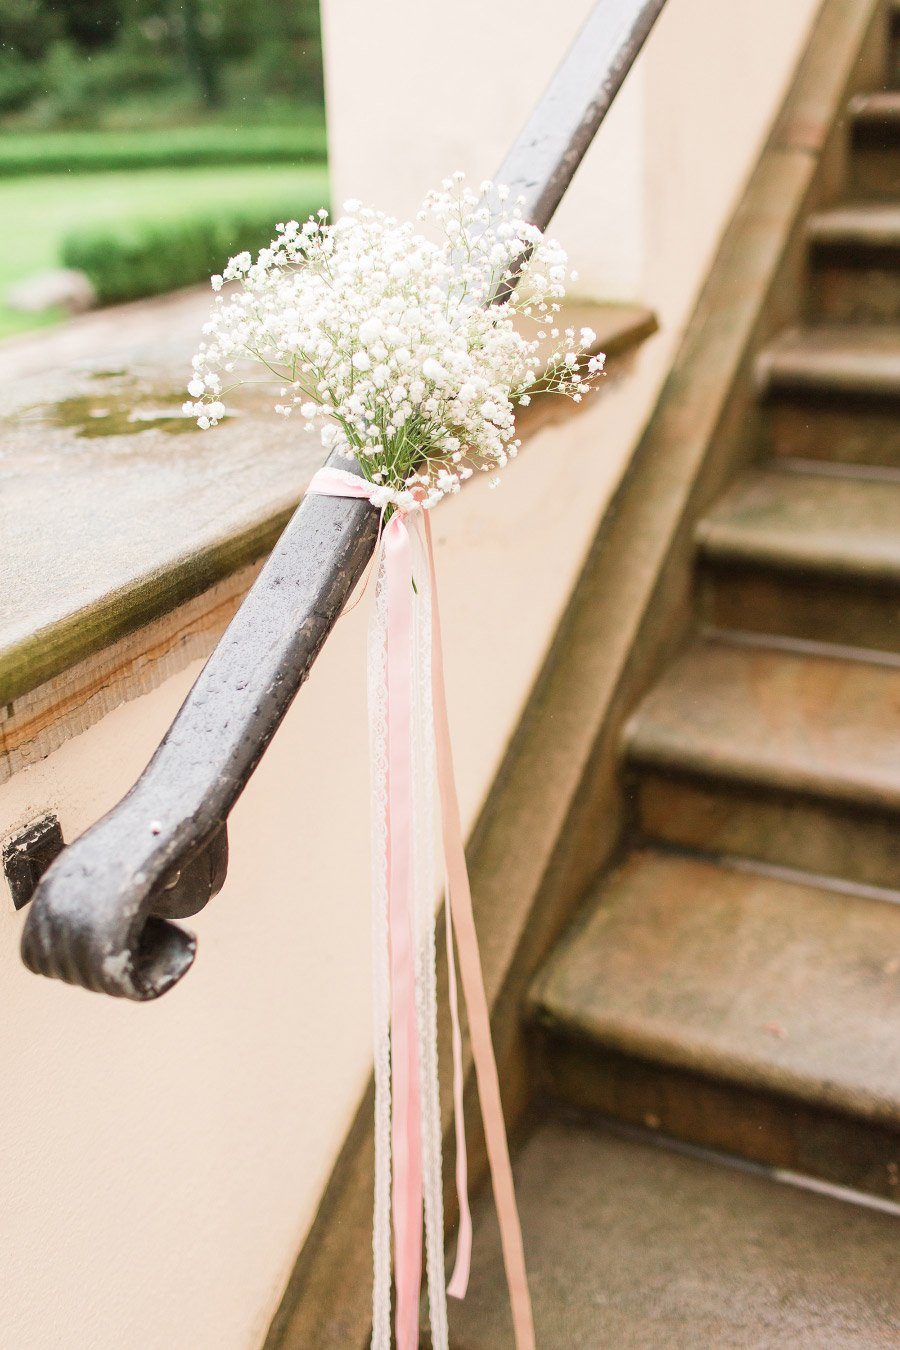 Dekoration der Handläufe einer Treppe